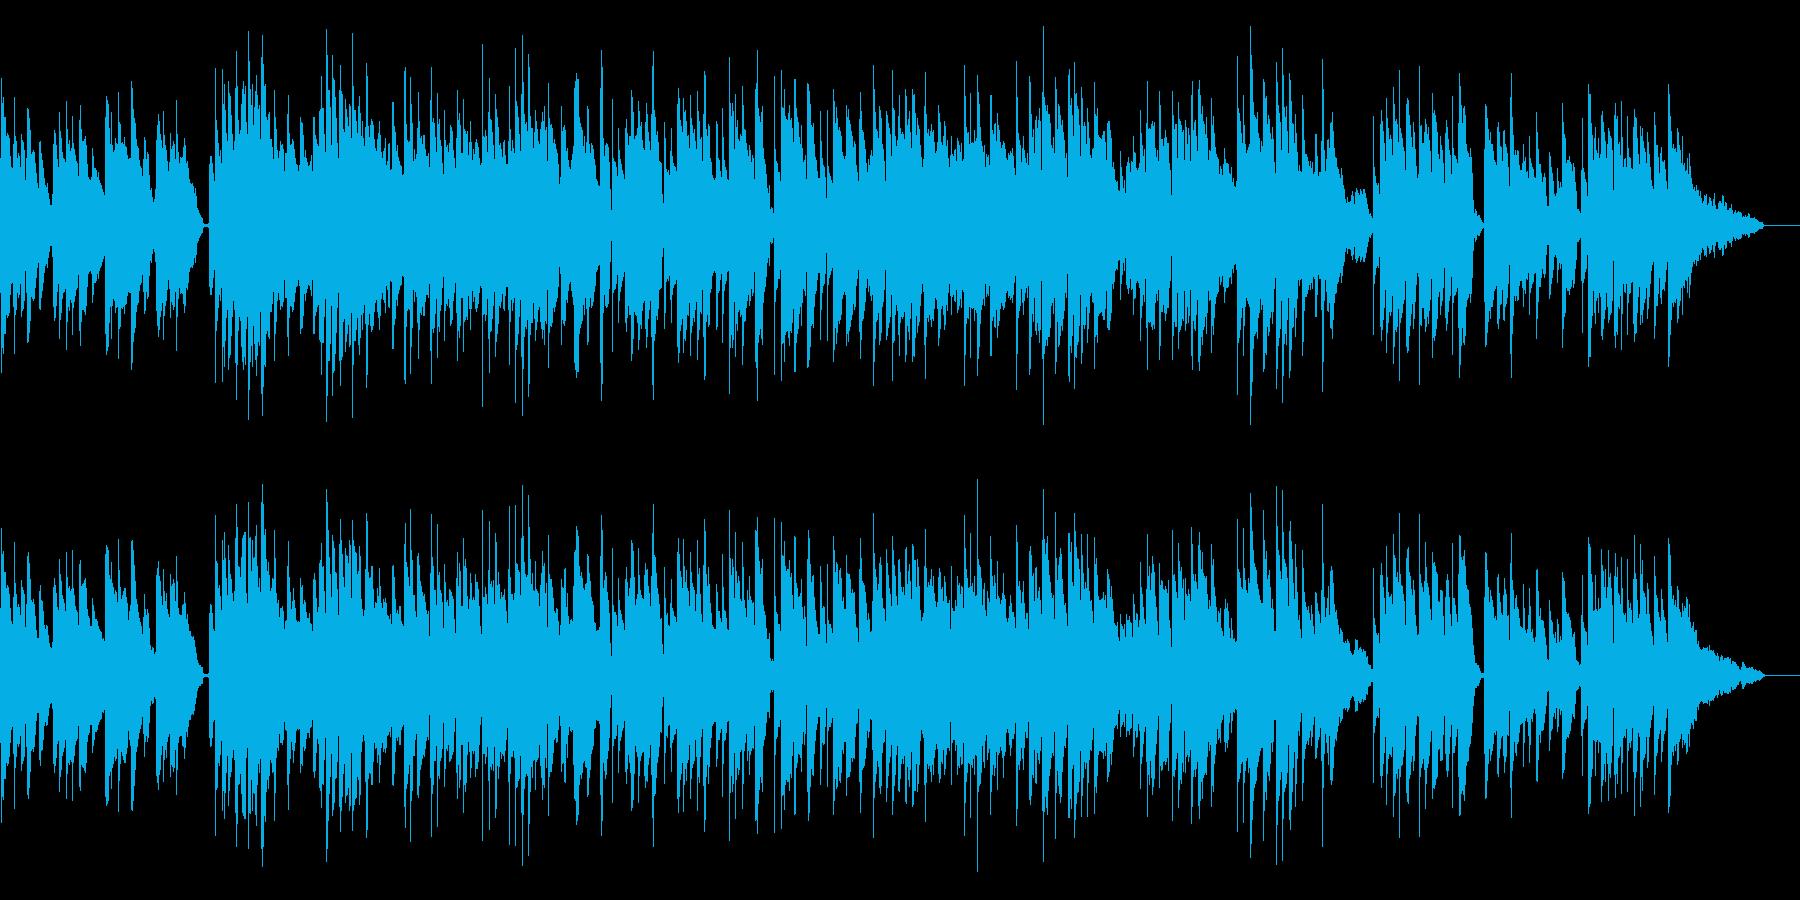 柔らかいギターの音色が感動的なサウンドの再生済みの波形